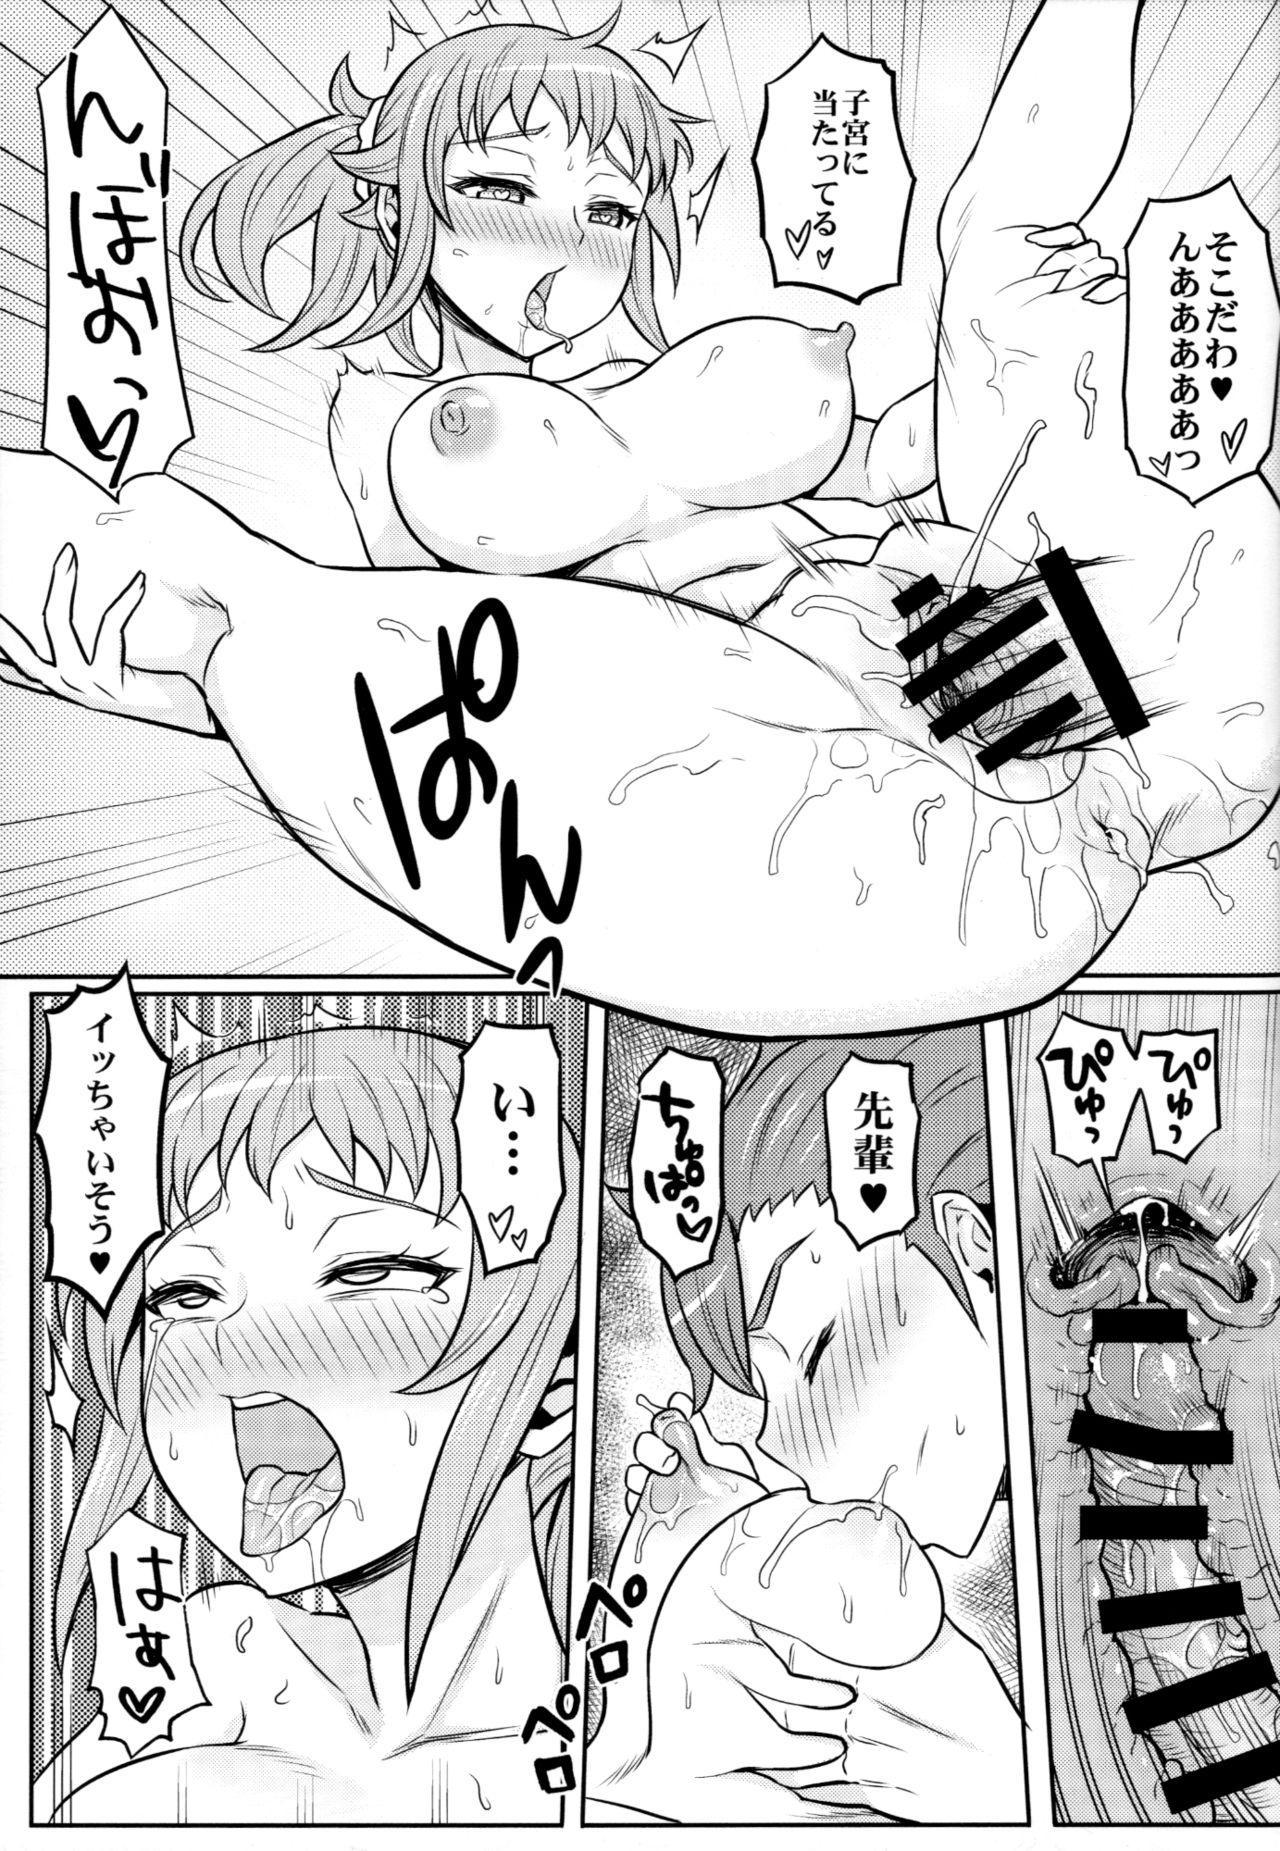 Nayamashii Fighters 15